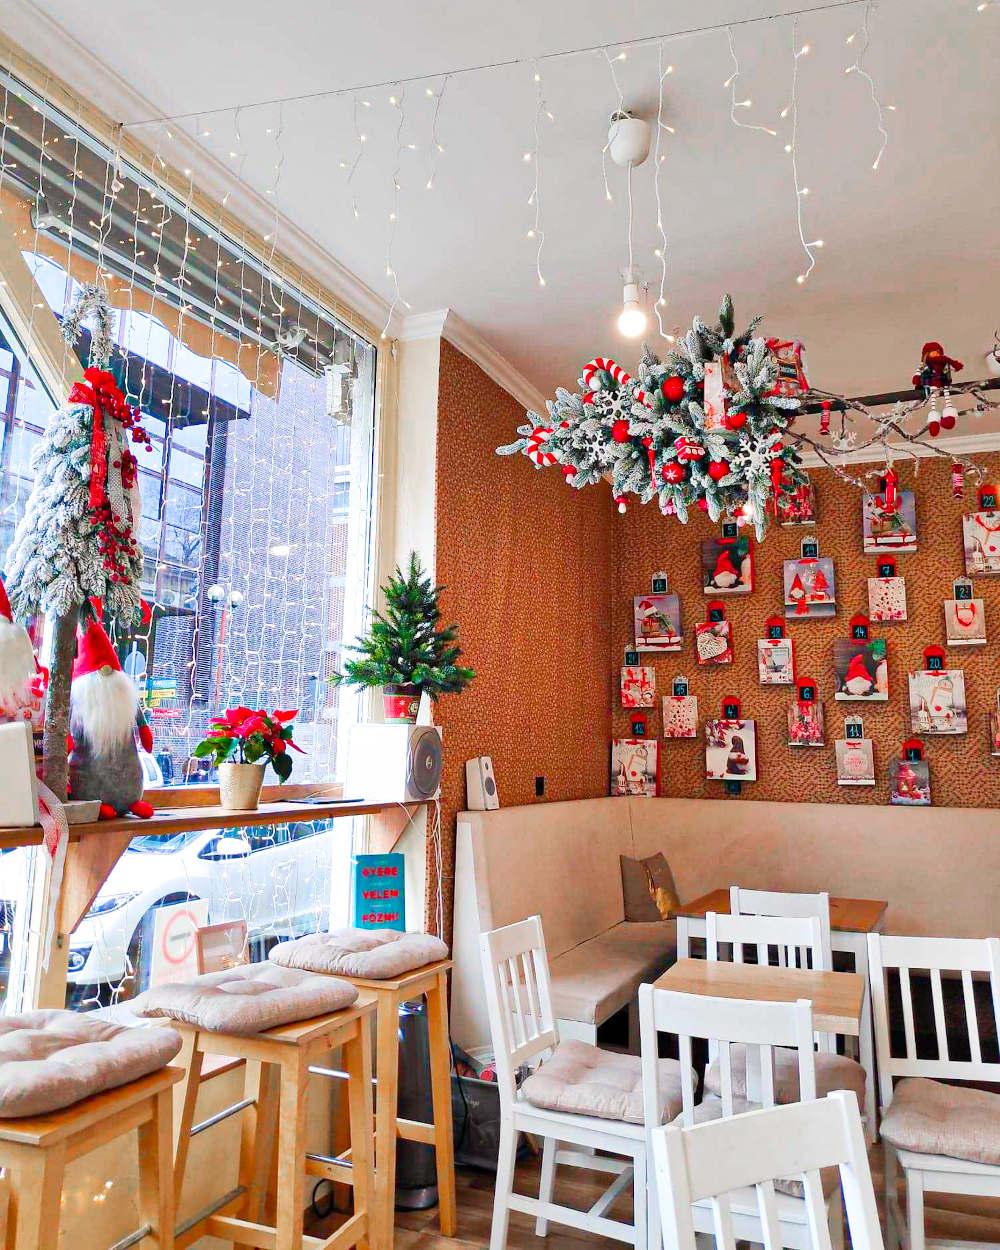 Božićna dekoracija jedne male poslastičarnice u Segedinu